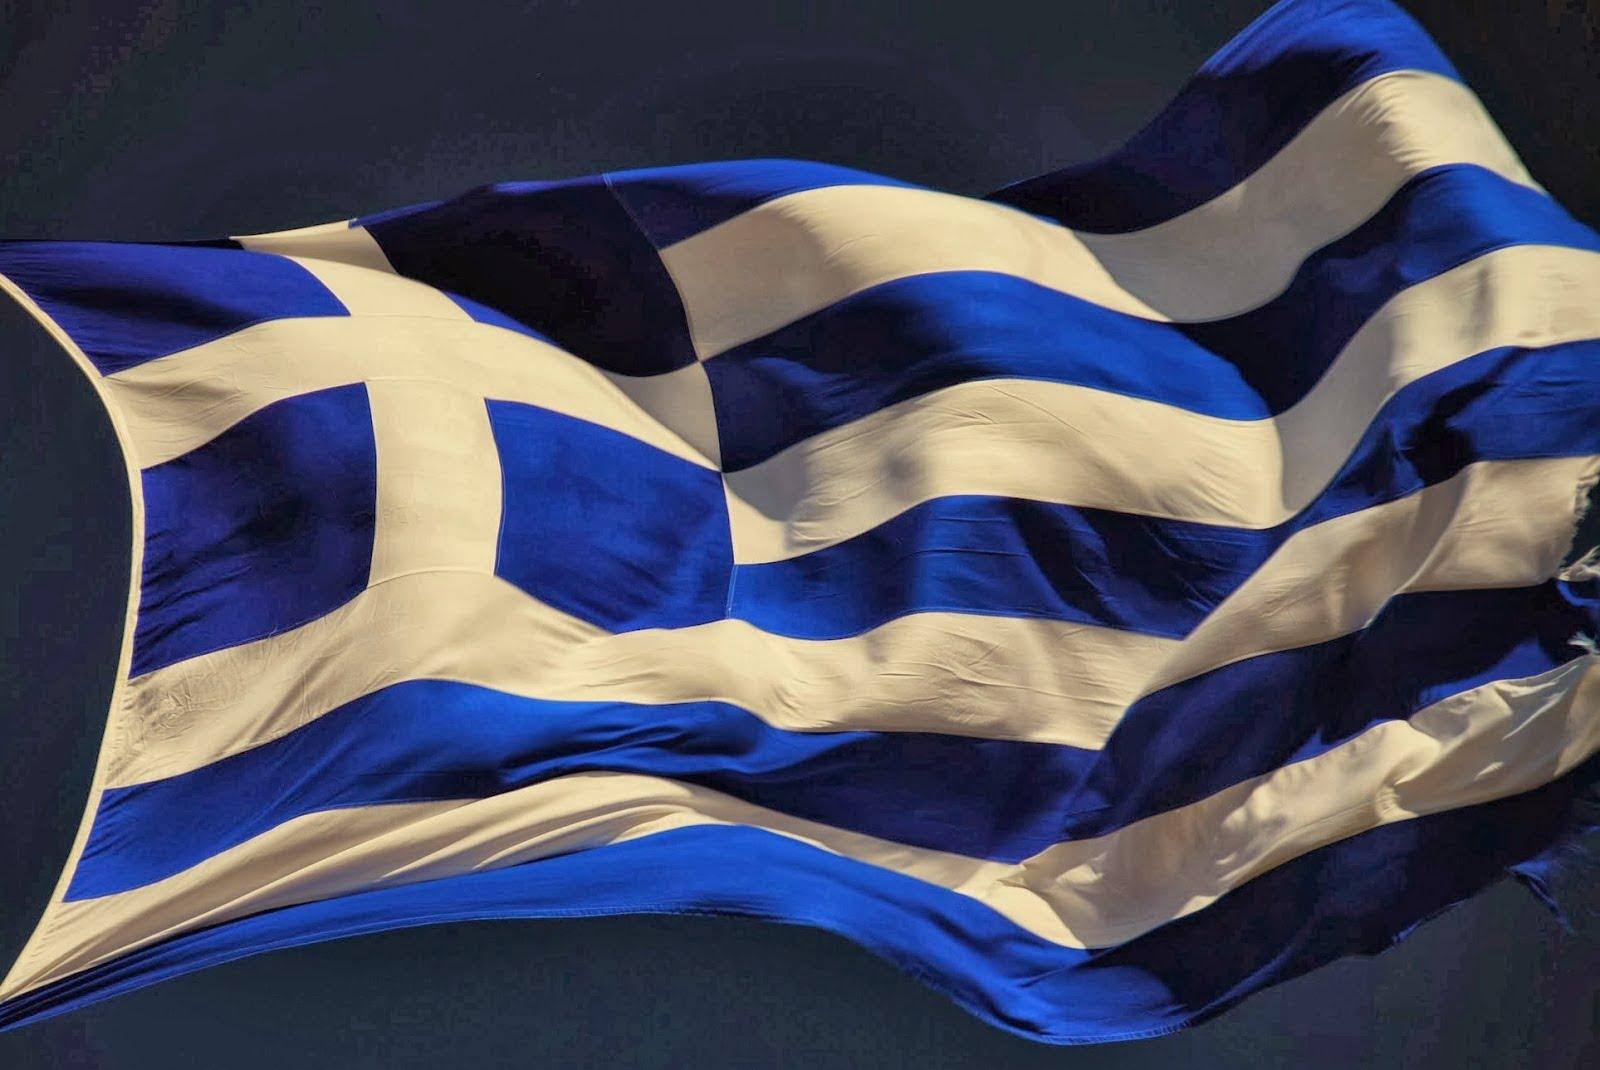 Βασίλης Πανουράκης: Μείνετε σπίτι, βγάλτε τις Ελληνικές Σημαίες στα μπαλκόνια σας